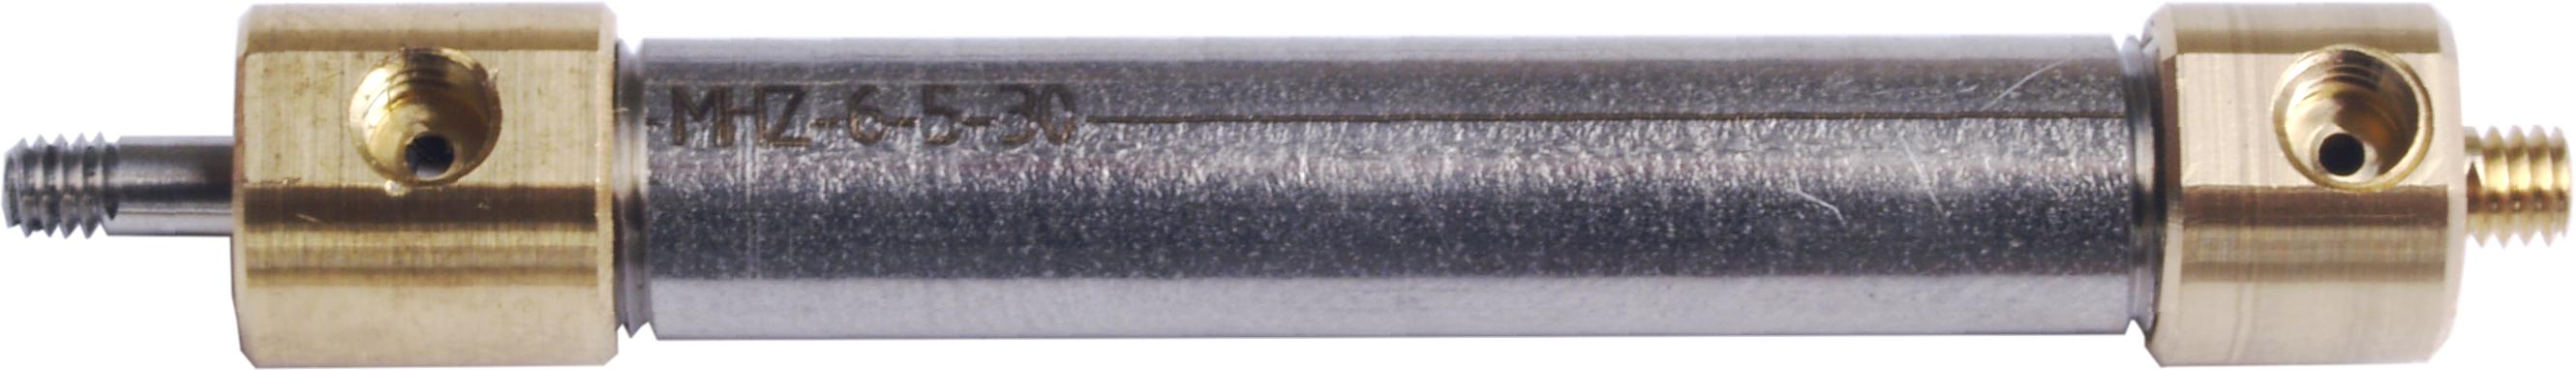 Hydraulic Cylinder Stroke 30mm